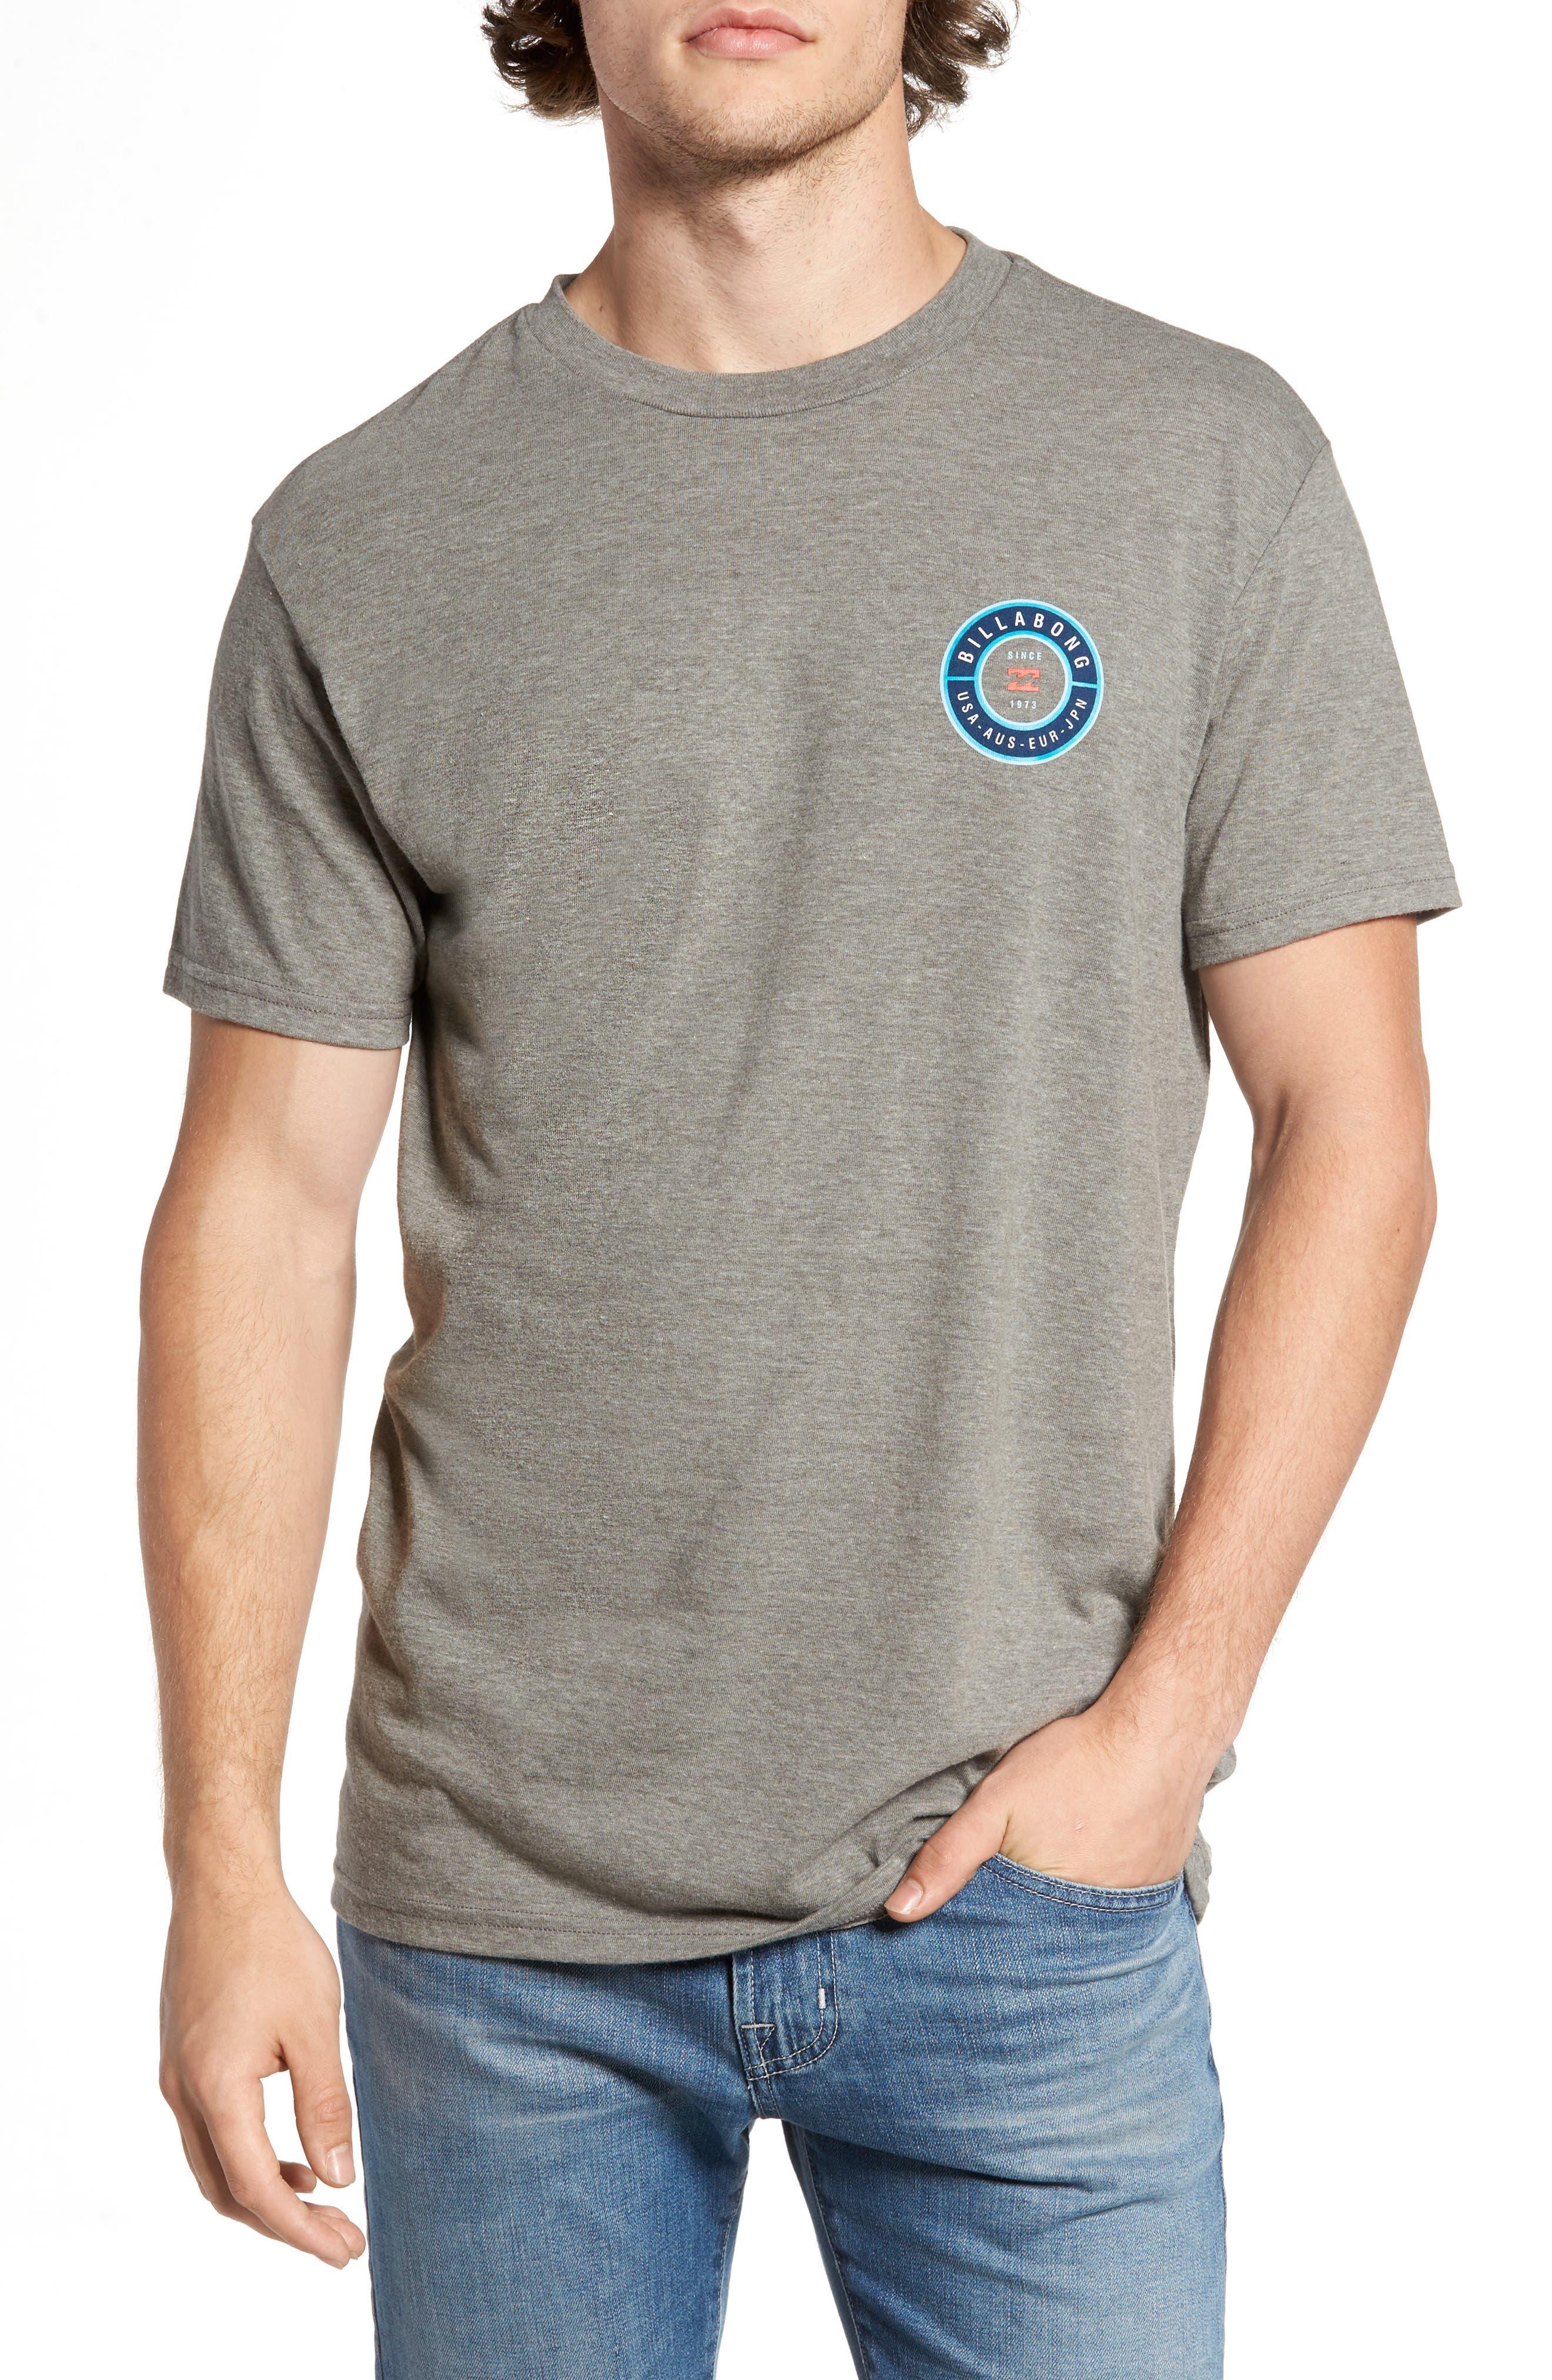 Main Image - Billabong Rotor Graphic T-Shirt